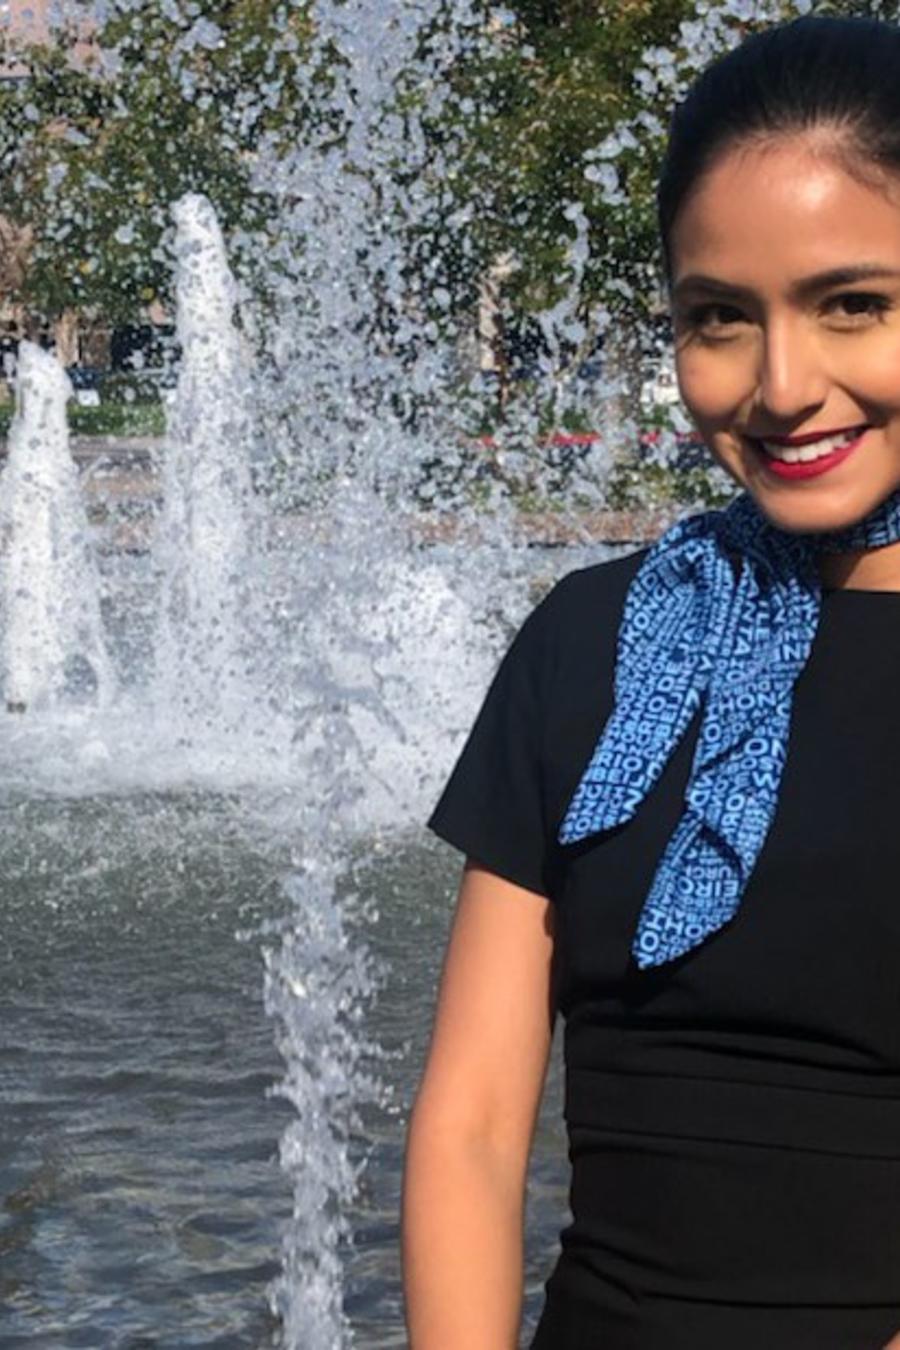 Selene Saavedra Román en una foto de 2018 tomada por su esposo David Watkins